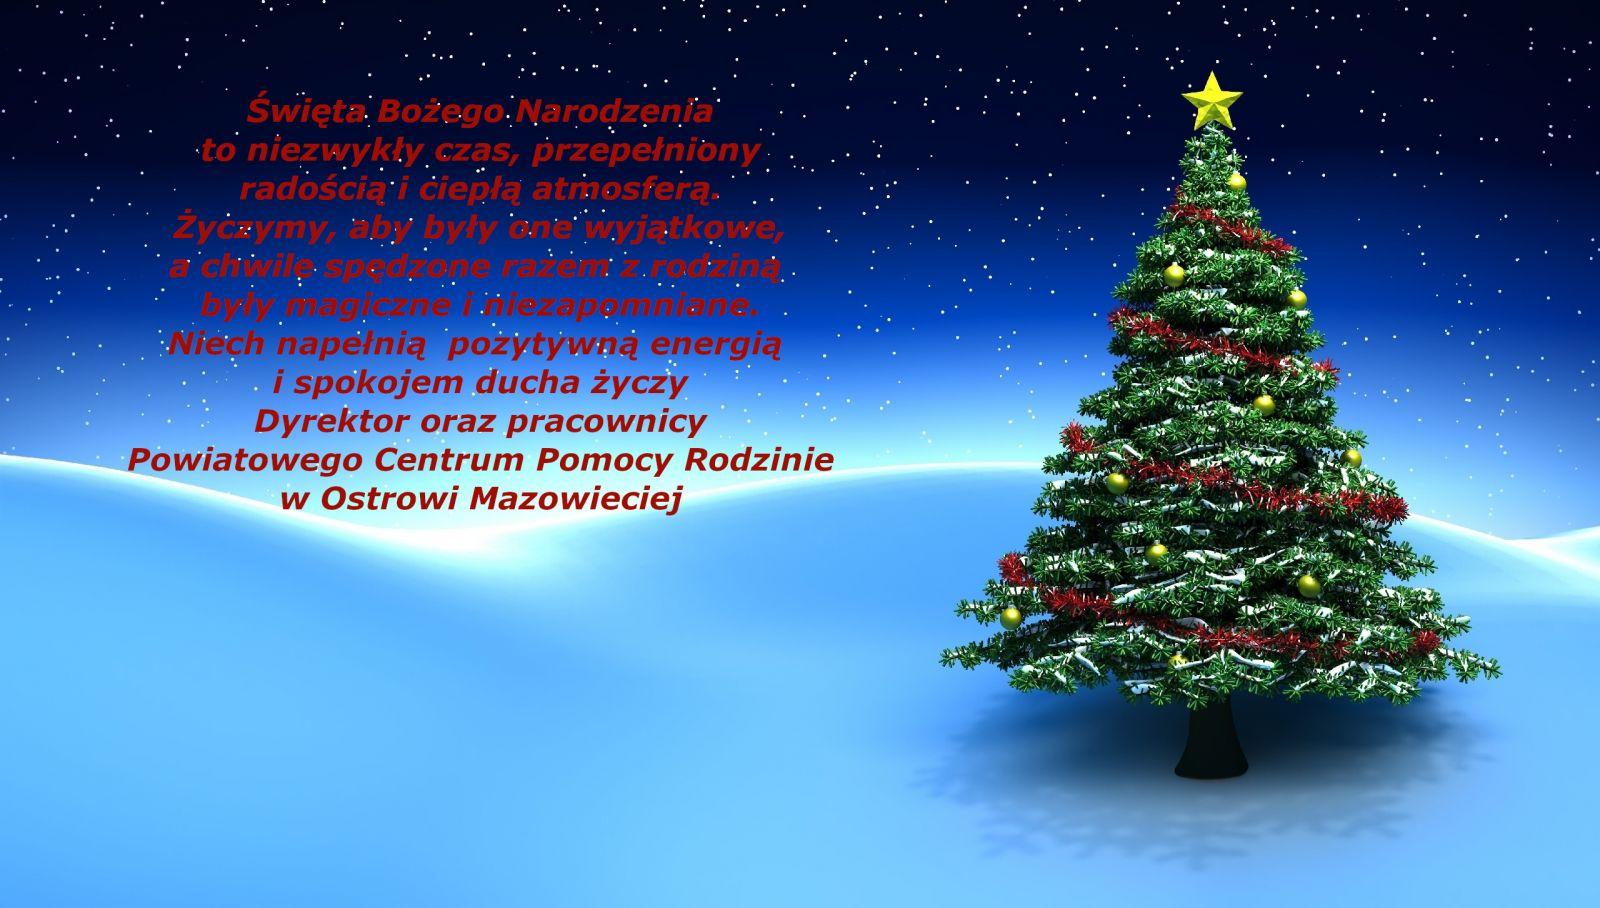 Życzenia Święta Bożego Narodzenia - obrazek